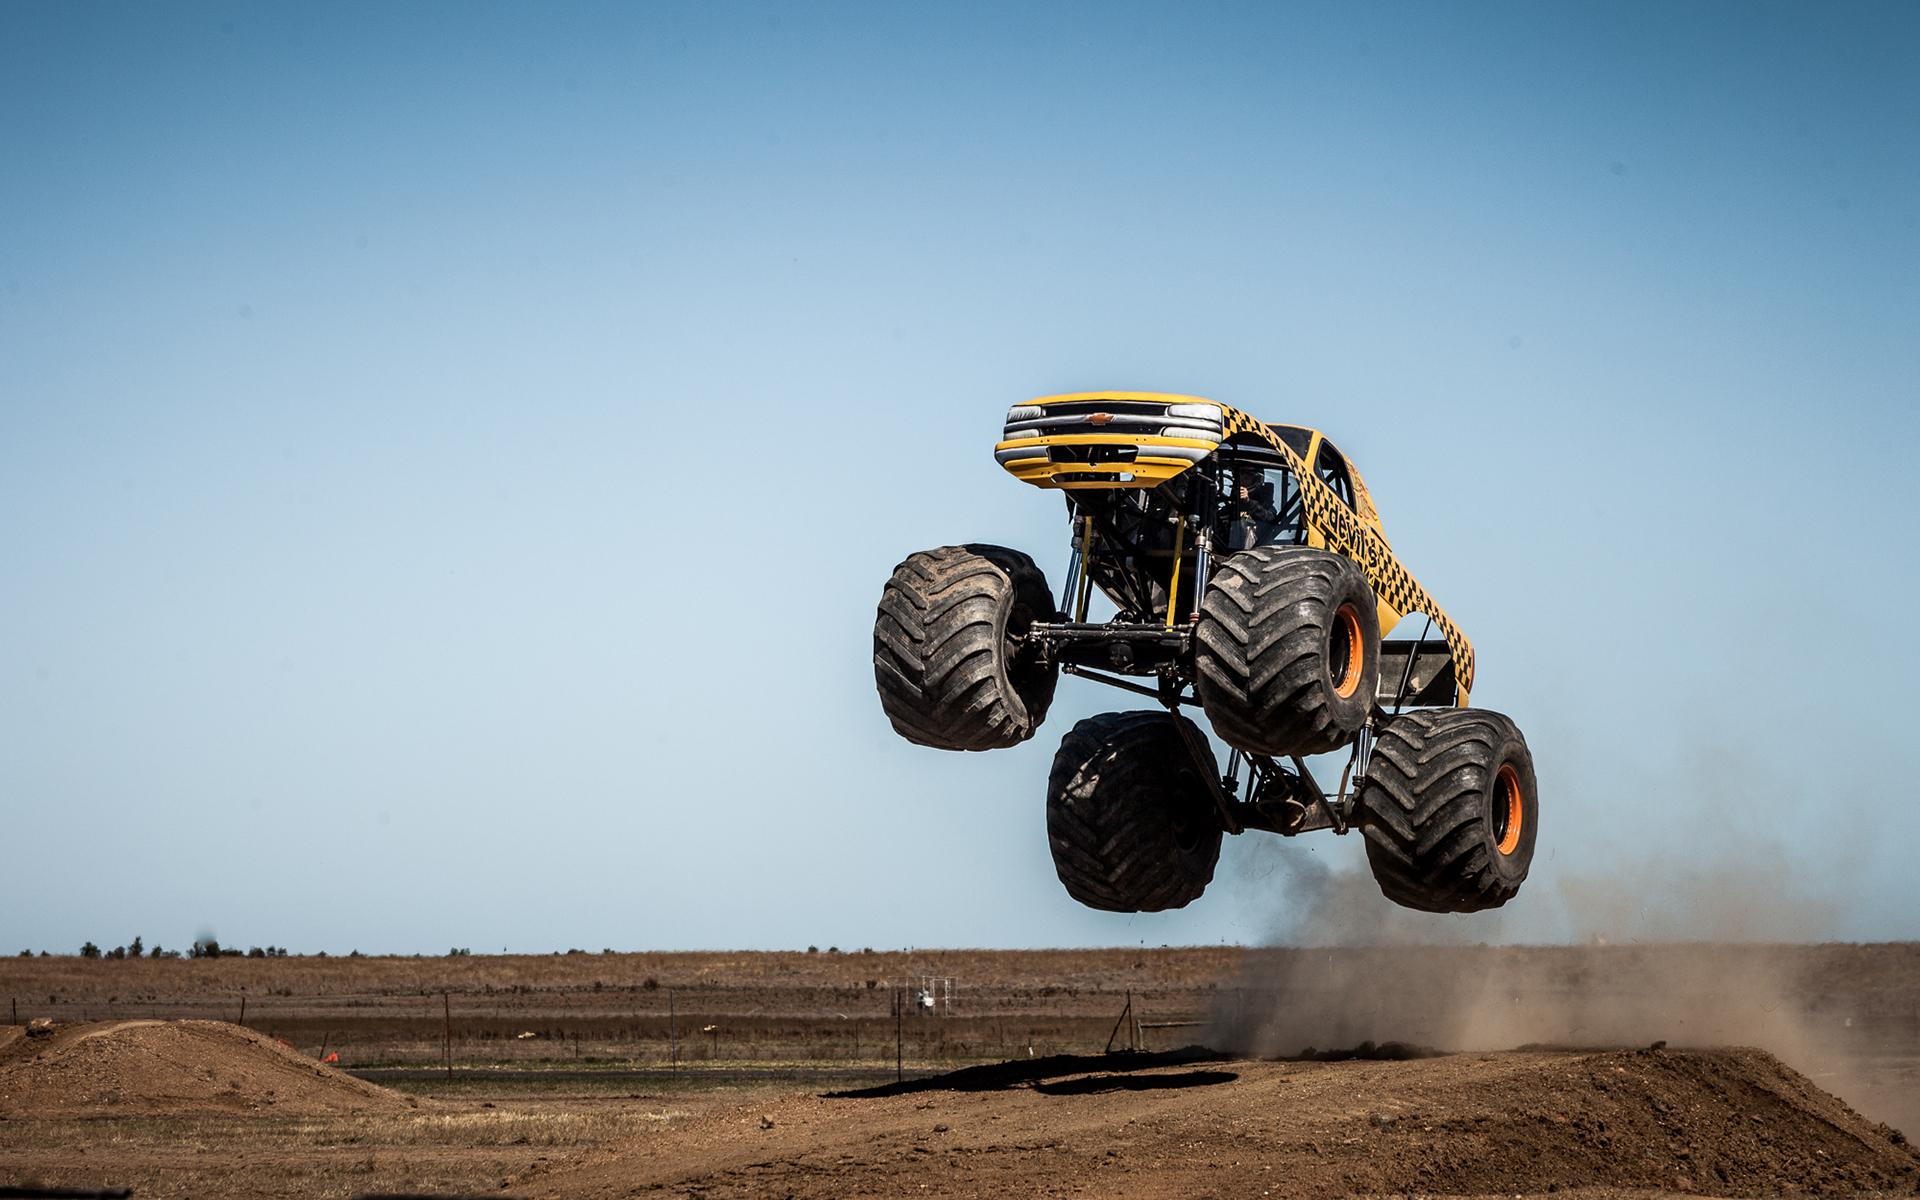 Monster Truck Jump Stop Action wallpaper 1920x1200 1920x1200